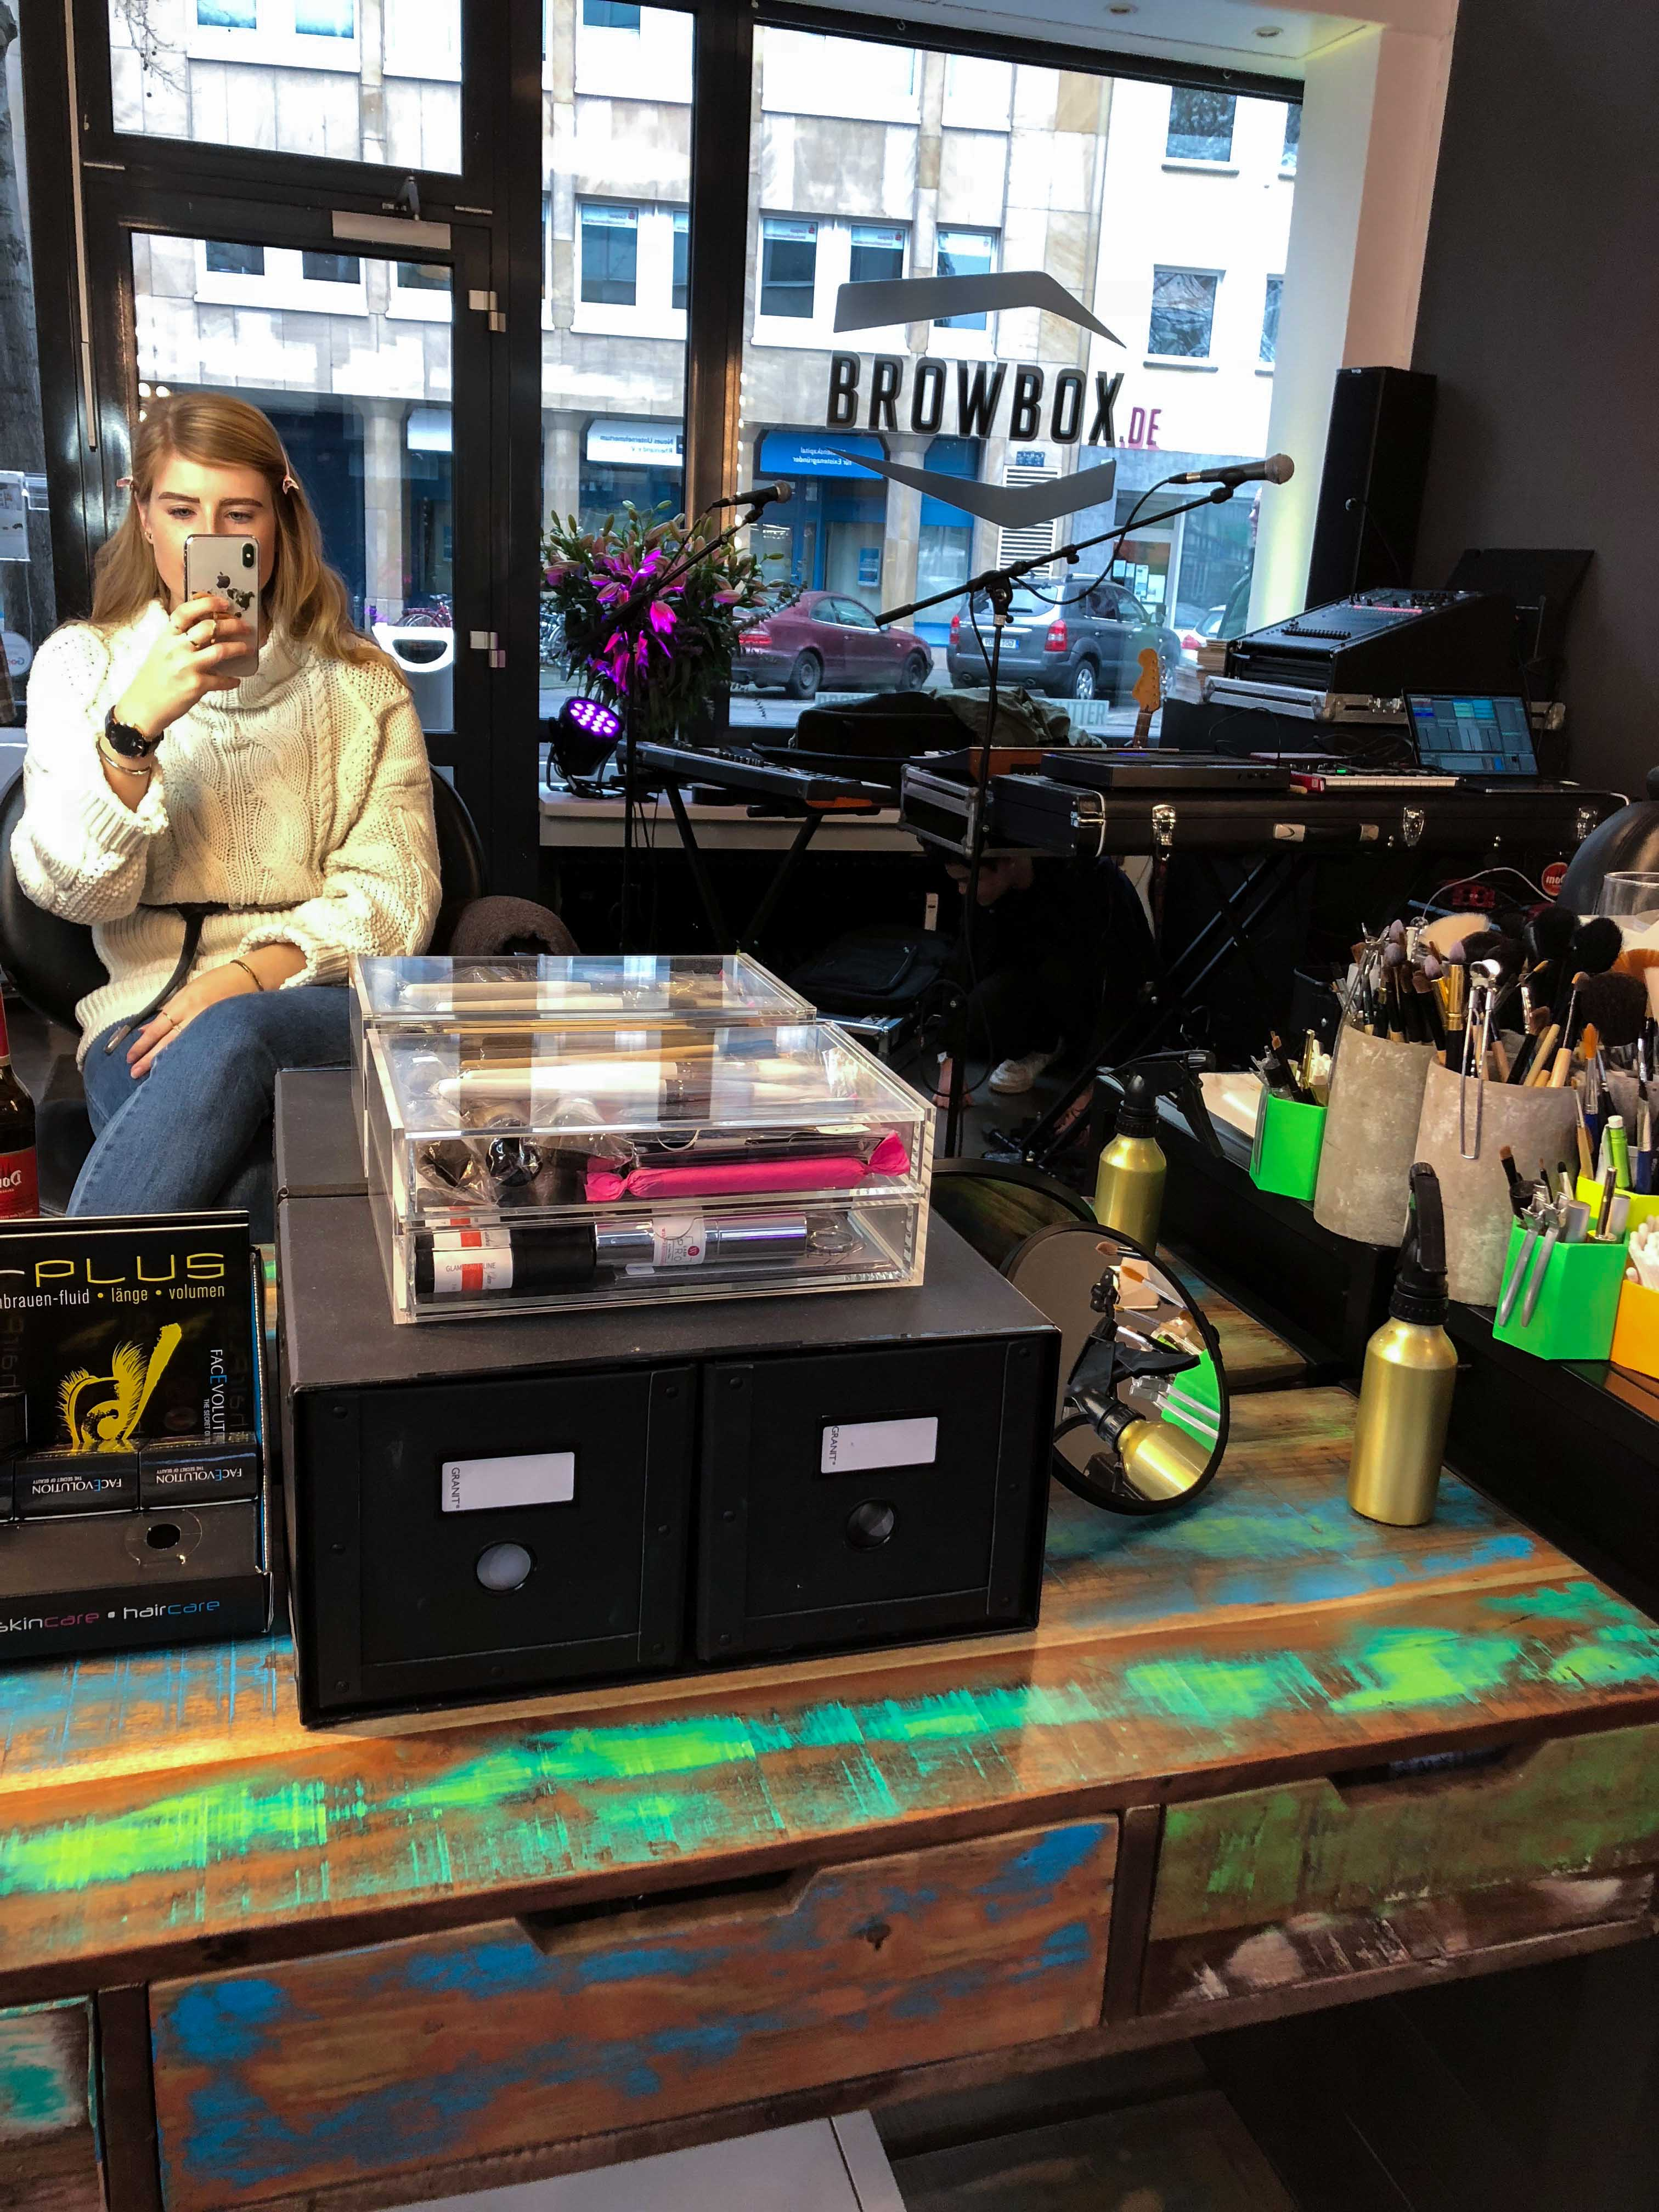 Pretty Beatz-Event Köln Modeblog Latebird Brow Waxing Augenbrauen färben Browbox Köln